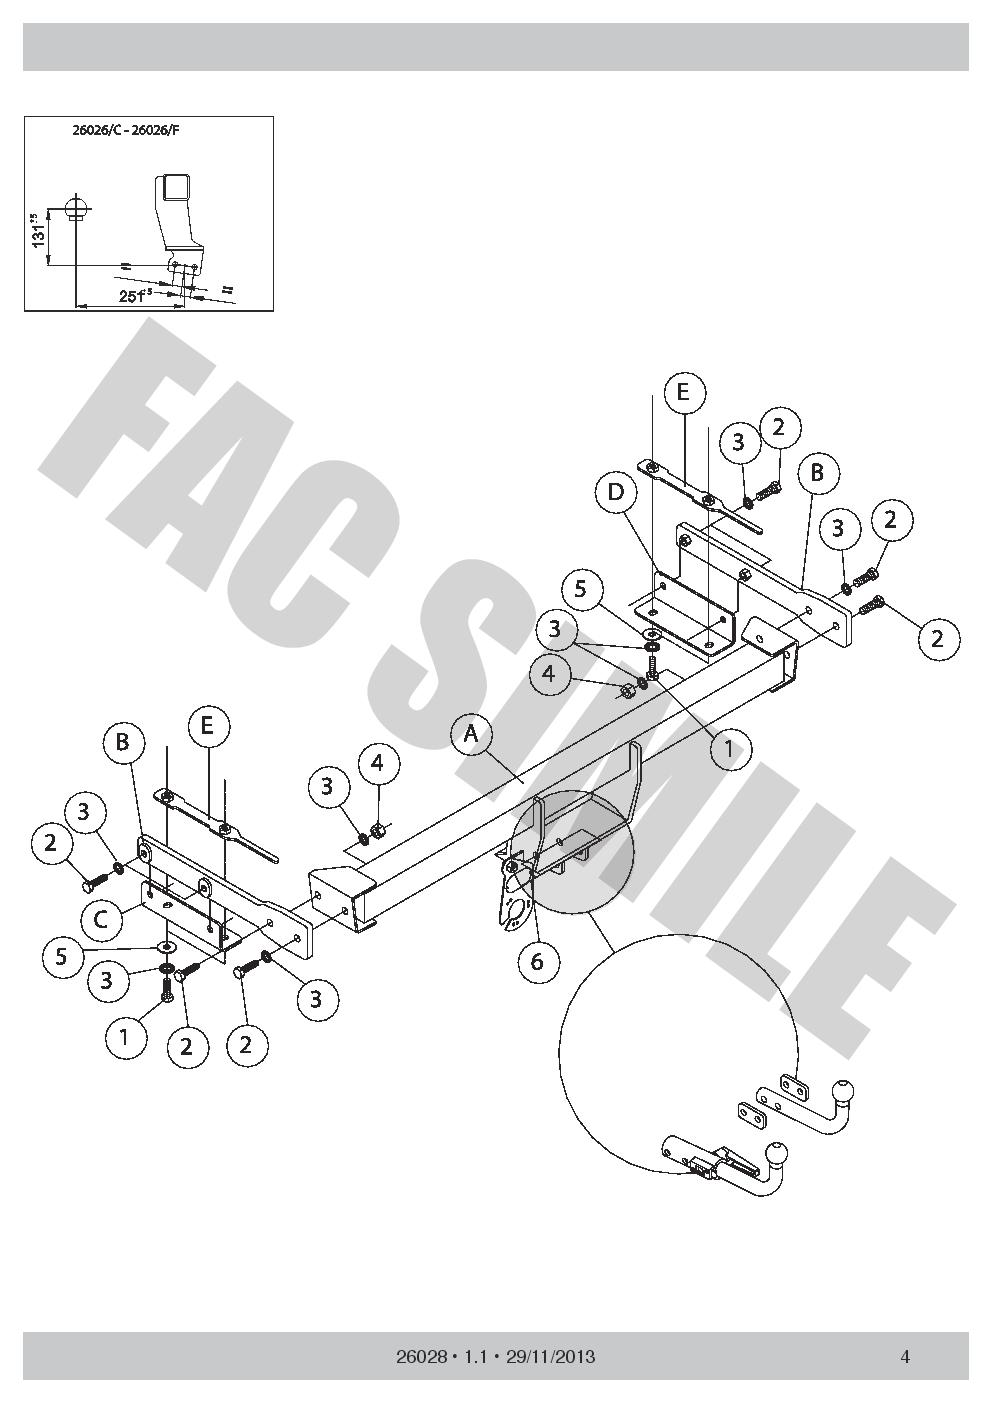 attelage col cygne faisceaux 7br pour nissan juke 2wd pas 4x4 10 14 26028 f e1 ebay. Black Bedroom Furniture Sets. Home Design Ideas